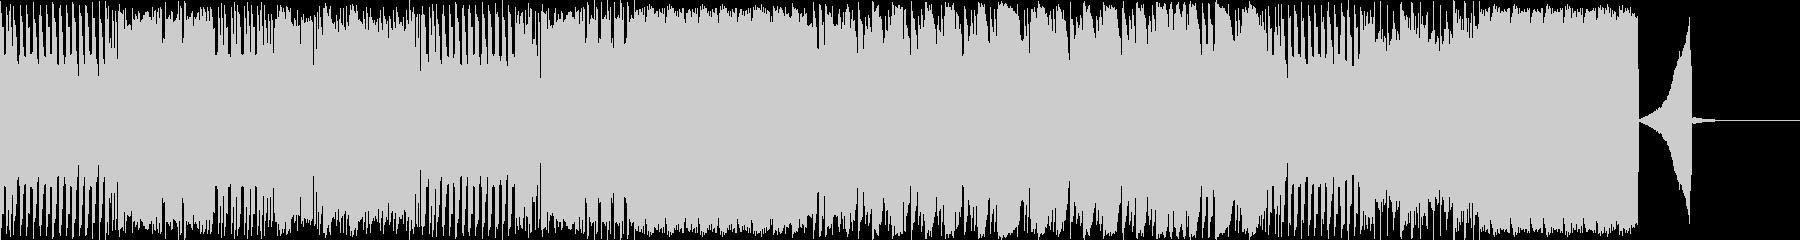 ブレイクコアなドラムソロの未再生の波形